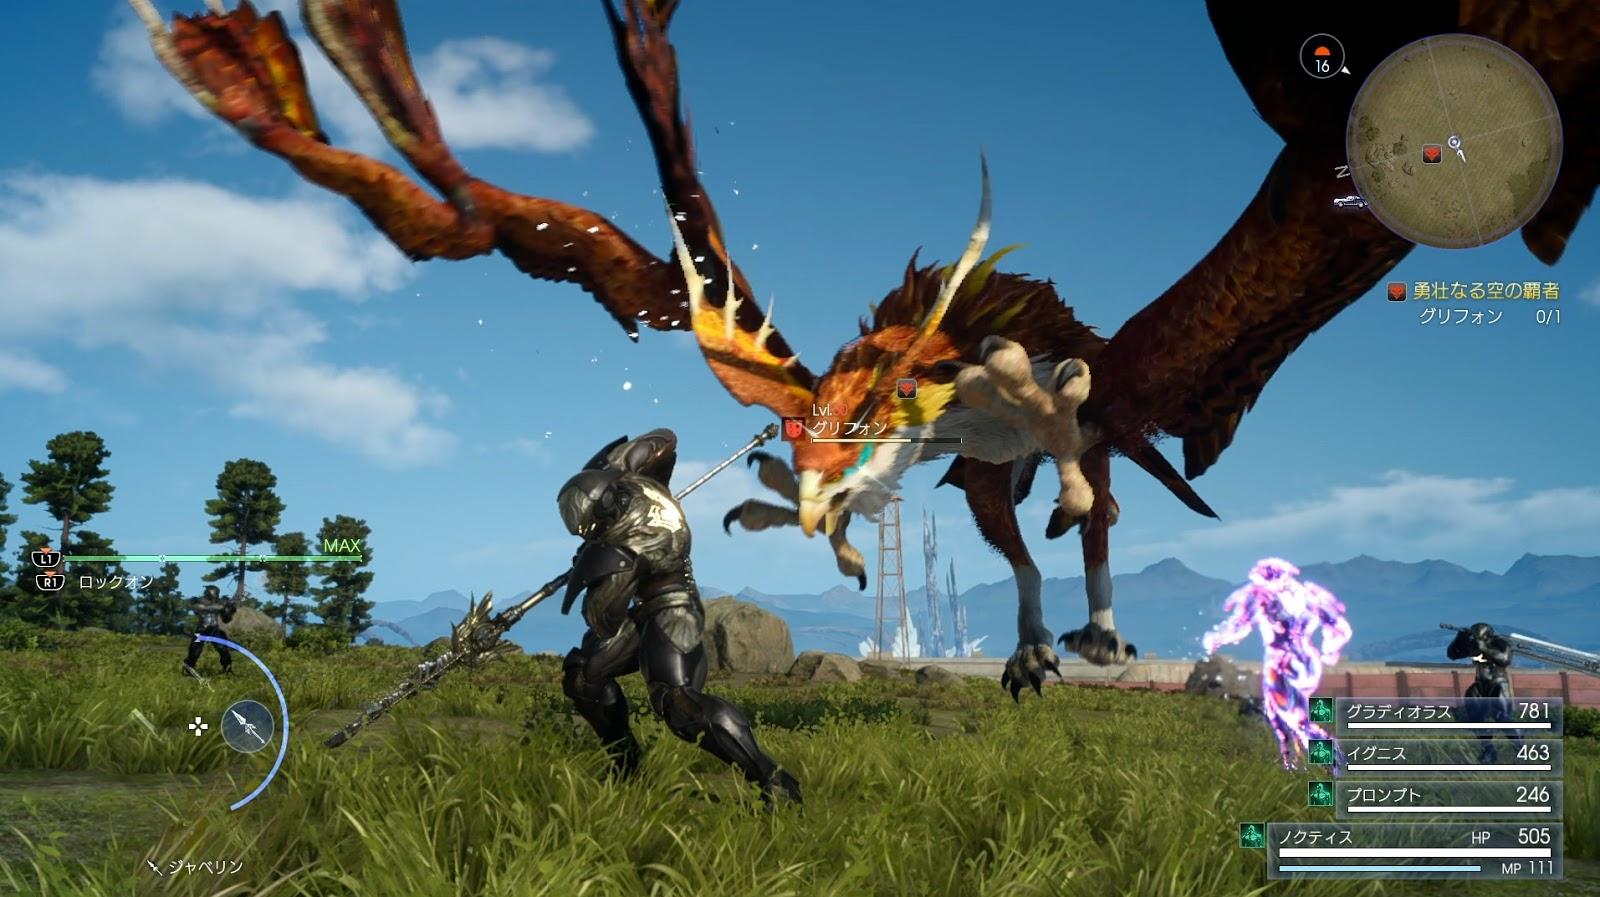 Final Fantasy XV libera su actualización de julio: carnaval, armadura, misión y más